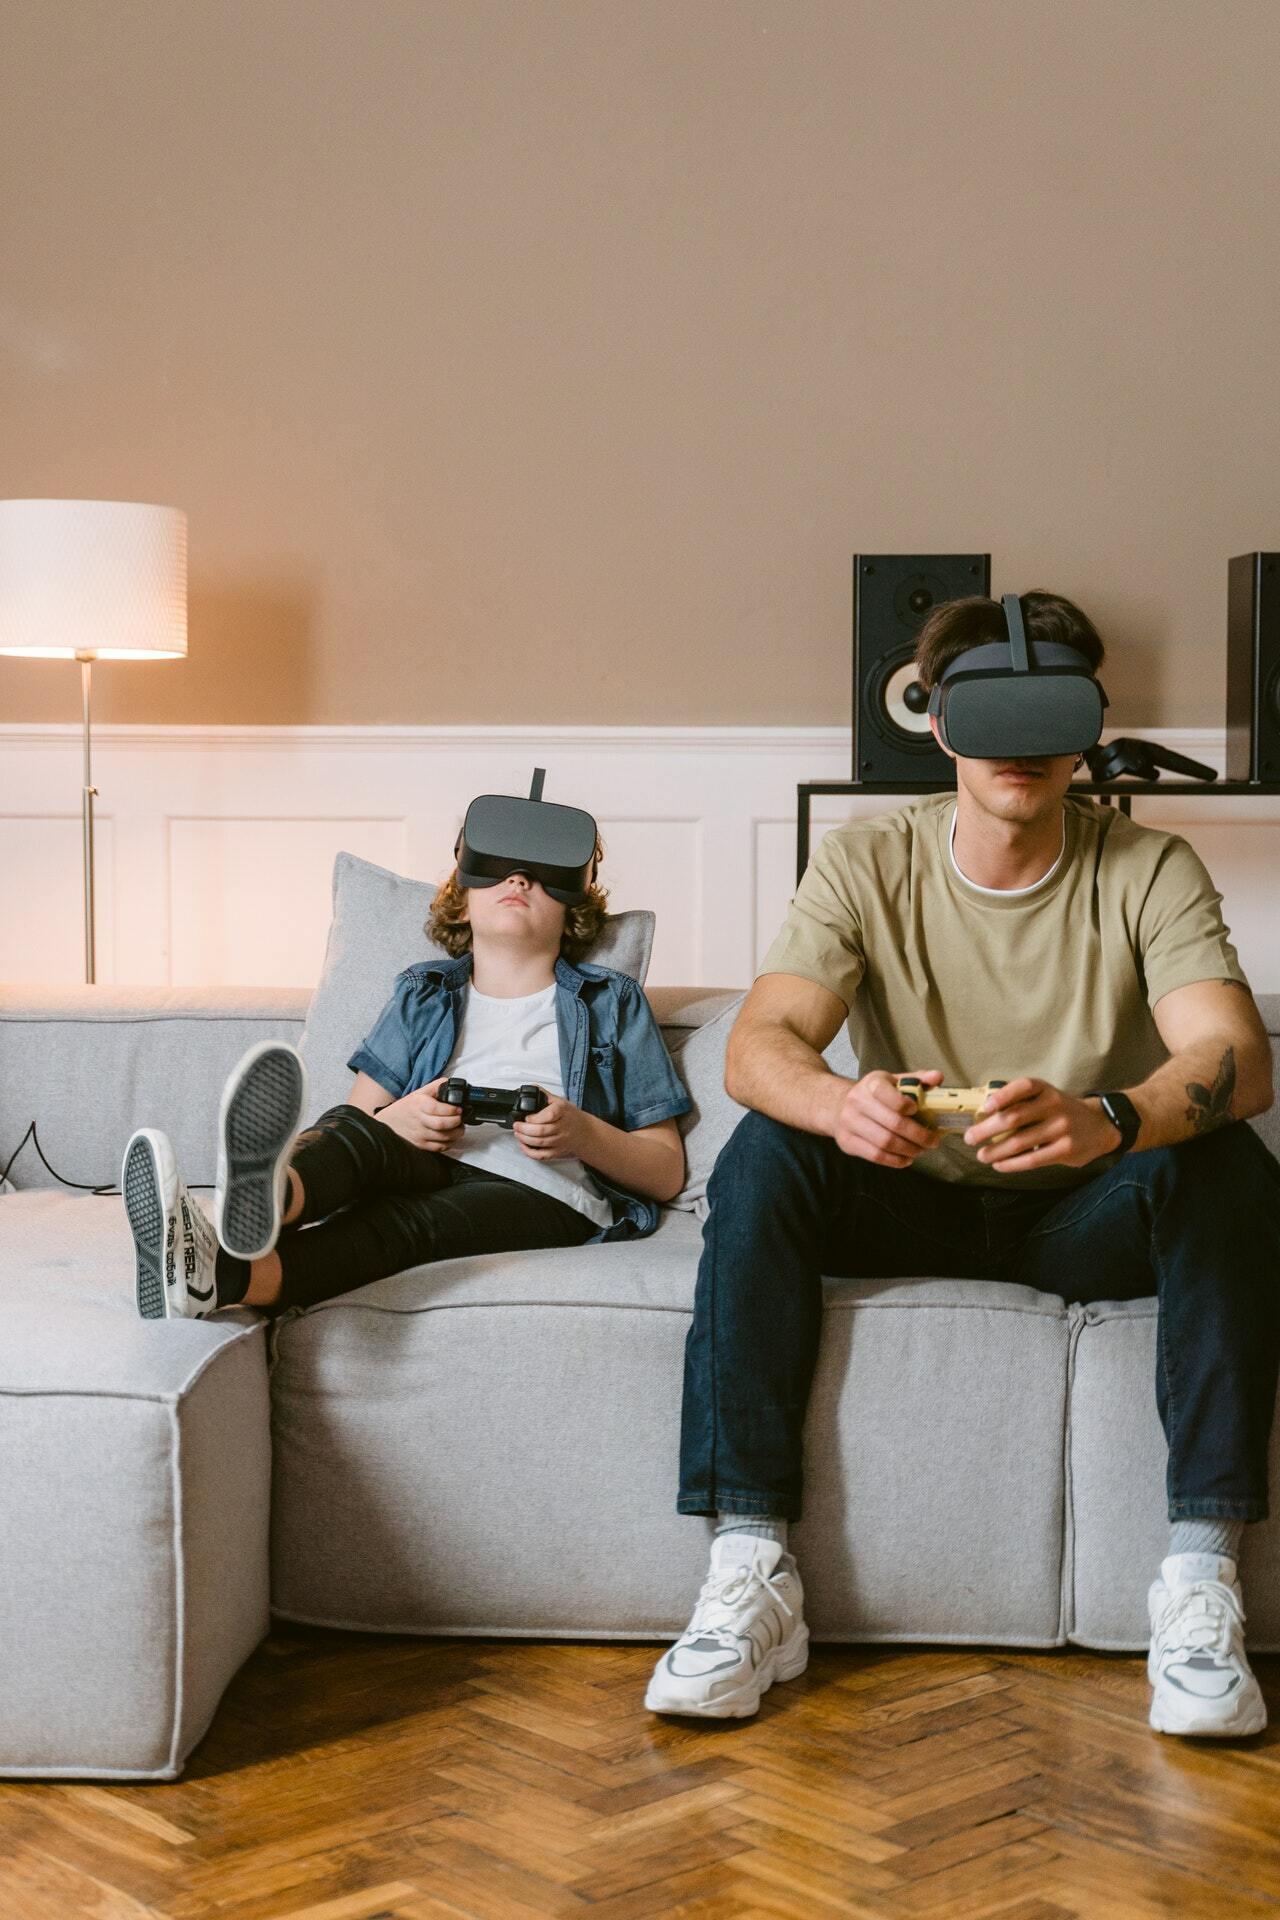 oyun, bilgisayar oyunu, video game, videogames, videogame